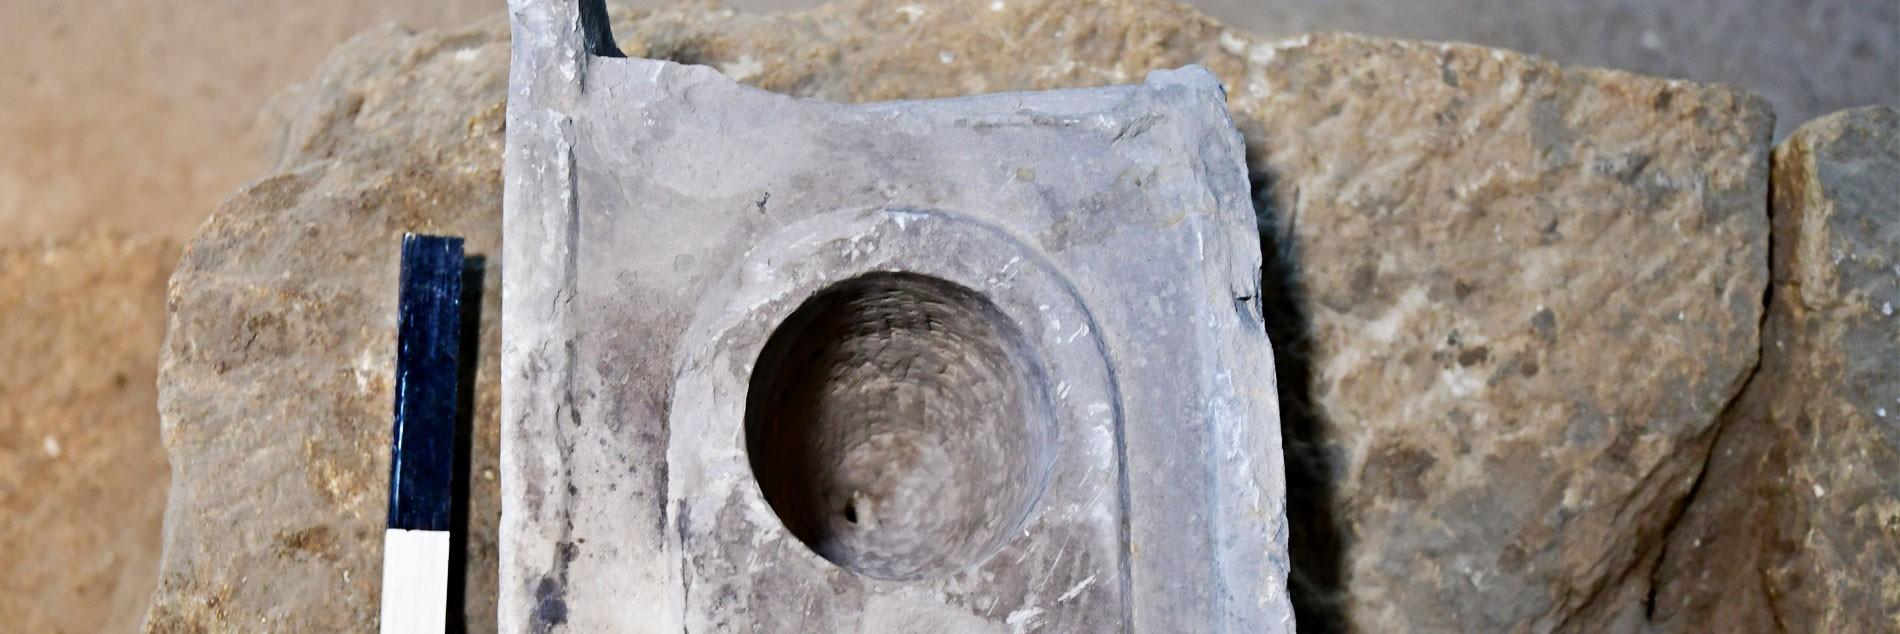 אתר מורשת לאומית עיר דוד: נחשף חפץ נדיר ששימש למדידה אחידה של נפח